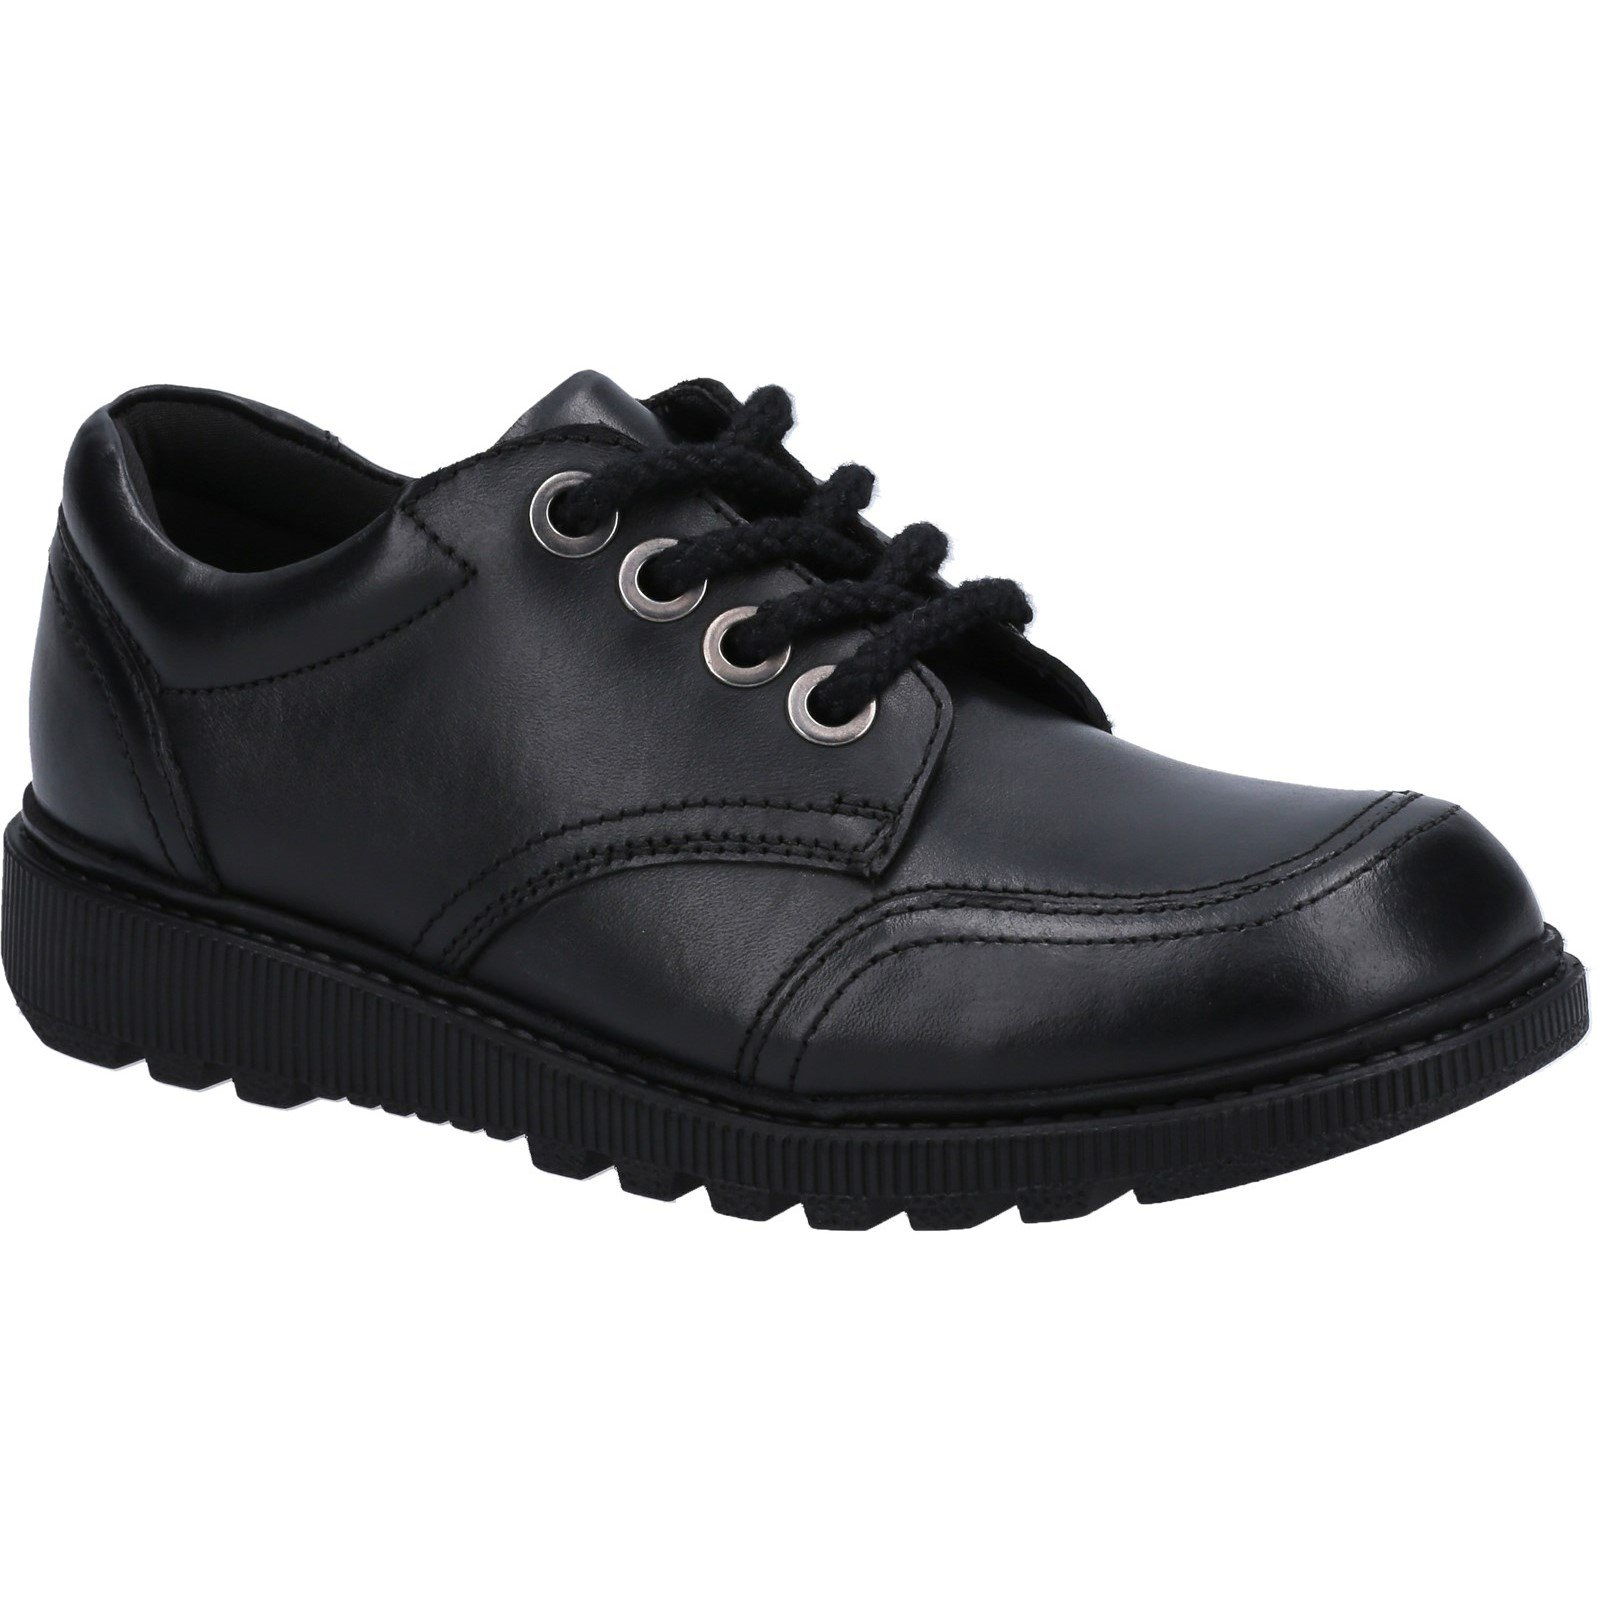 Hush Puppies Kid's Kiera Junior School Shoe Black 30821 - Black 2